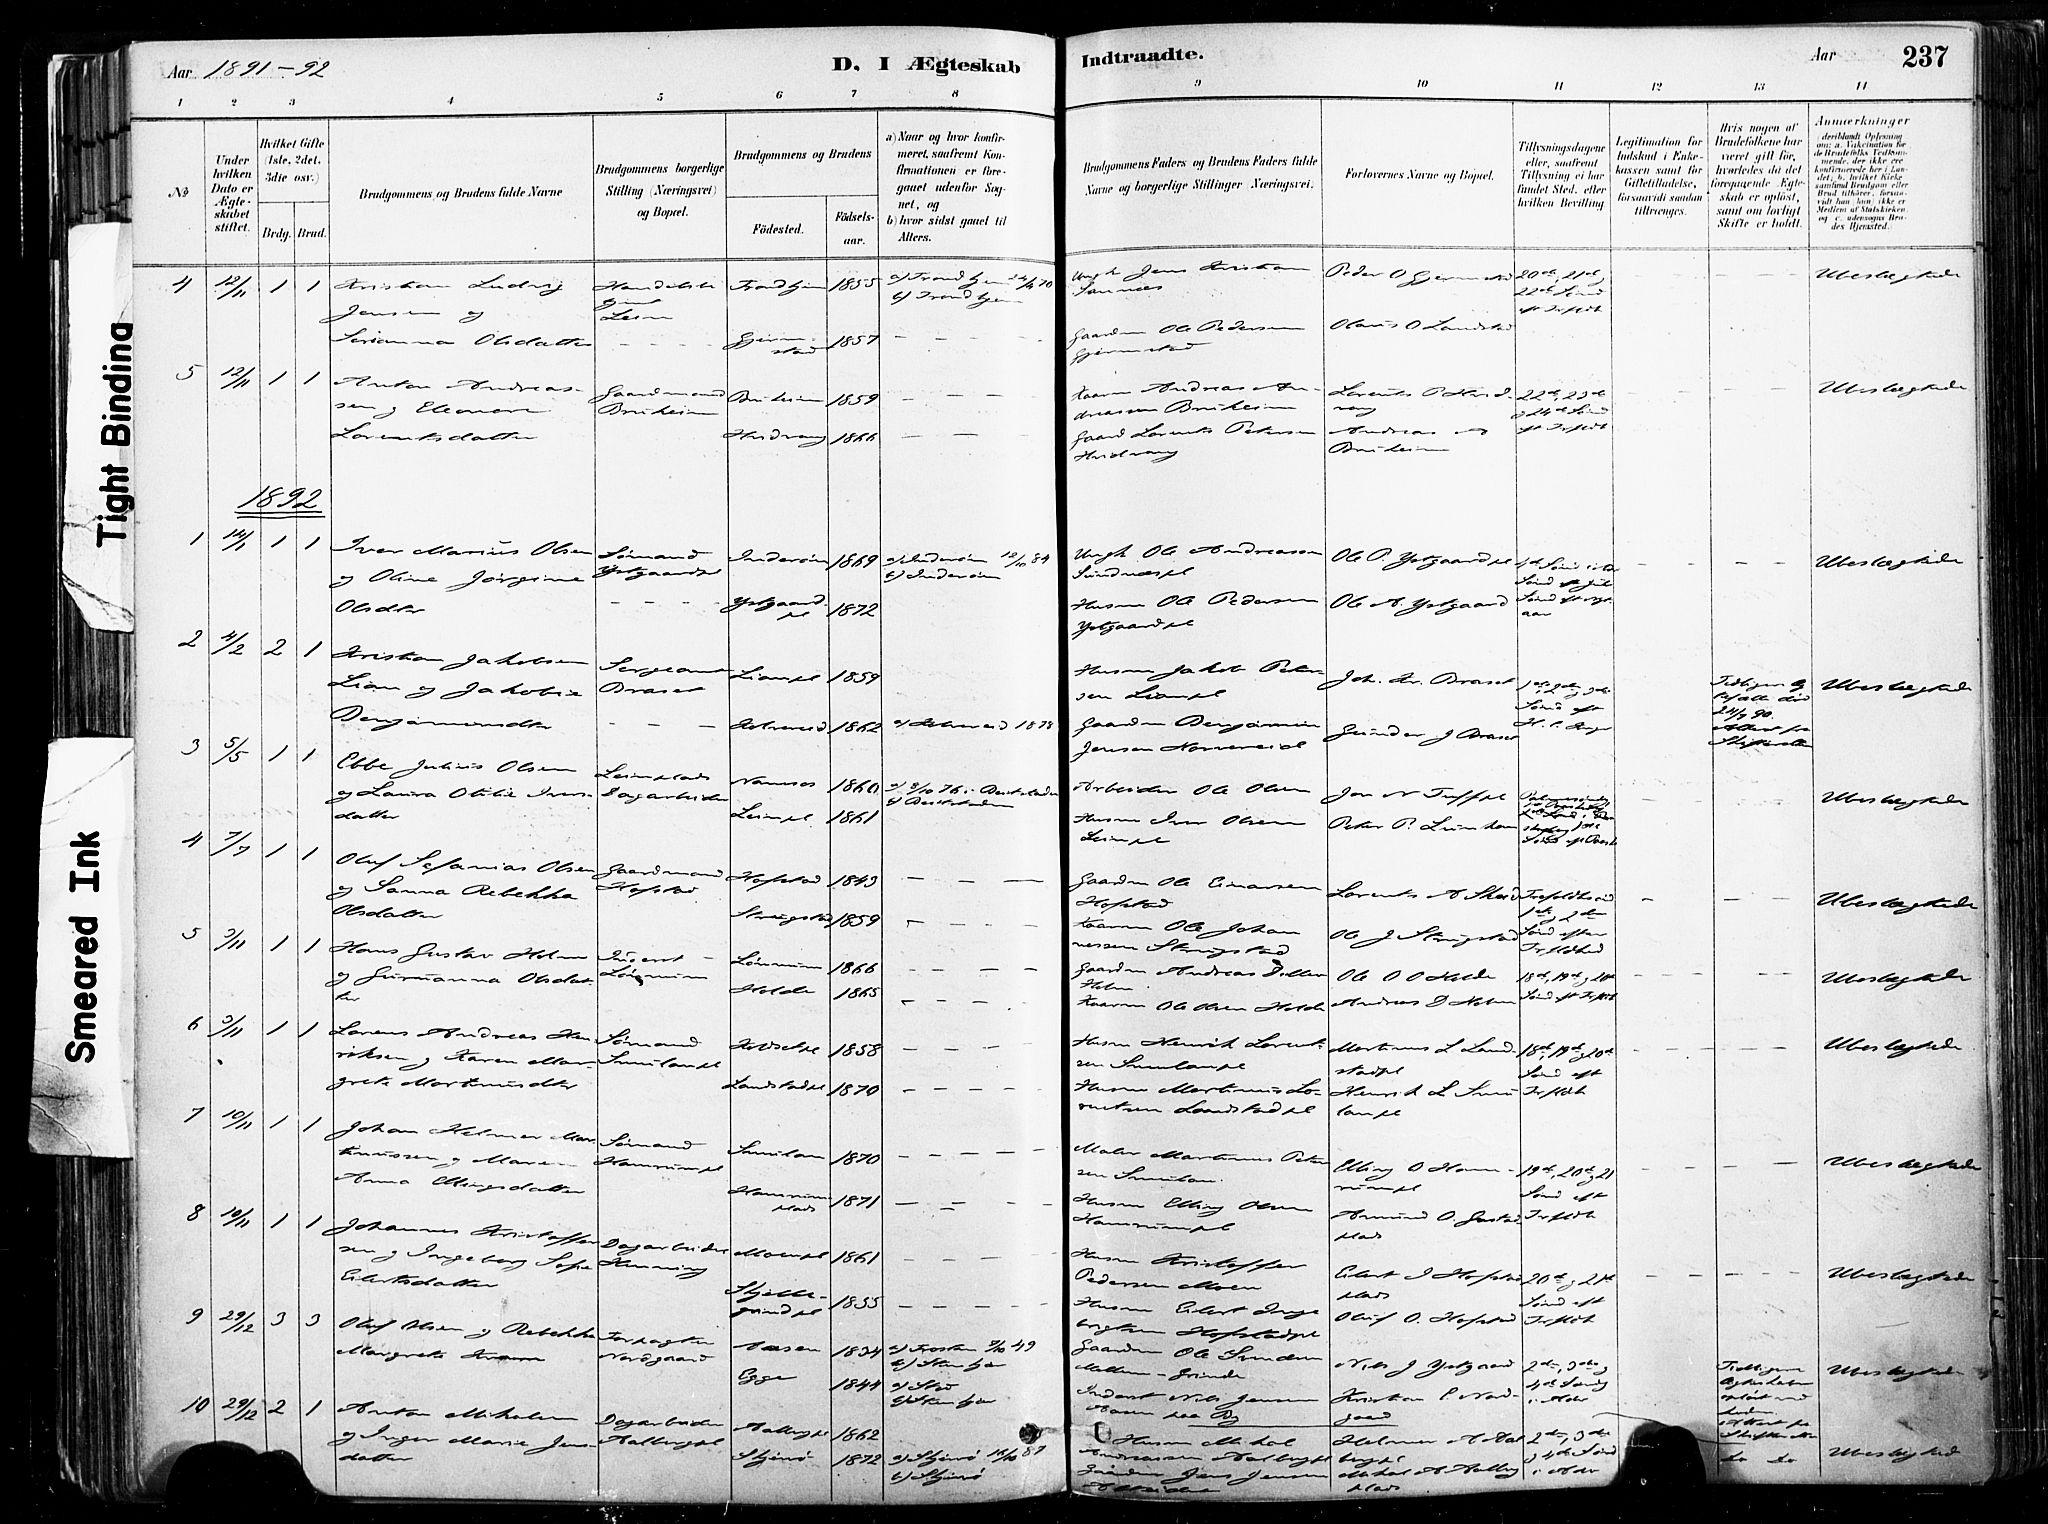 SAT, Ministerialprotokoller, klokkerbøker og fødselsregistre - Nord-Trøndelag, 735/L0351: Ministerialbok nr. 735A10, 1884-1908, s. 237